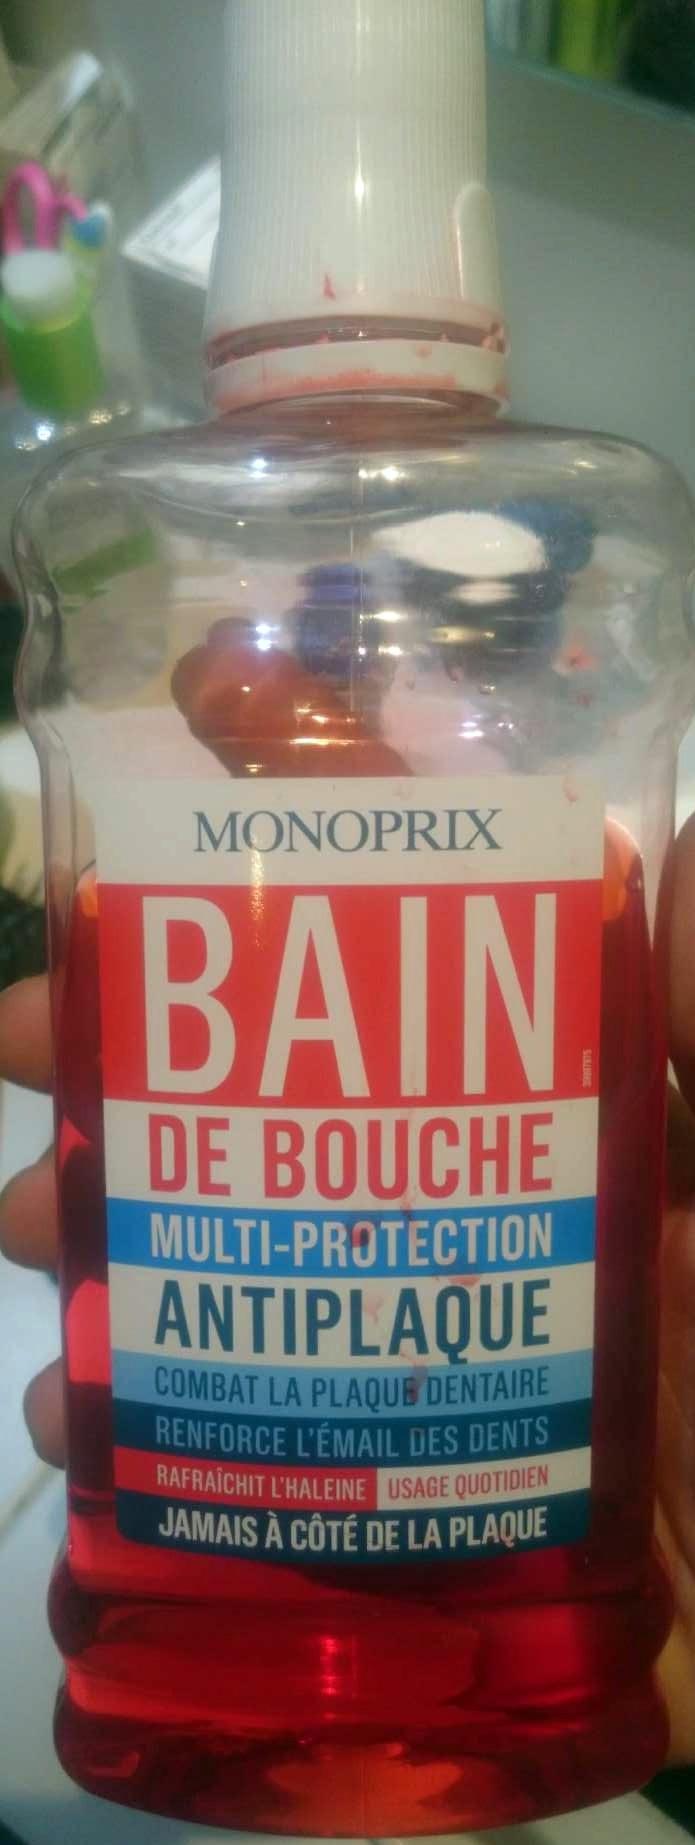 Bain de bouche multi-protection antiplaque - Produit